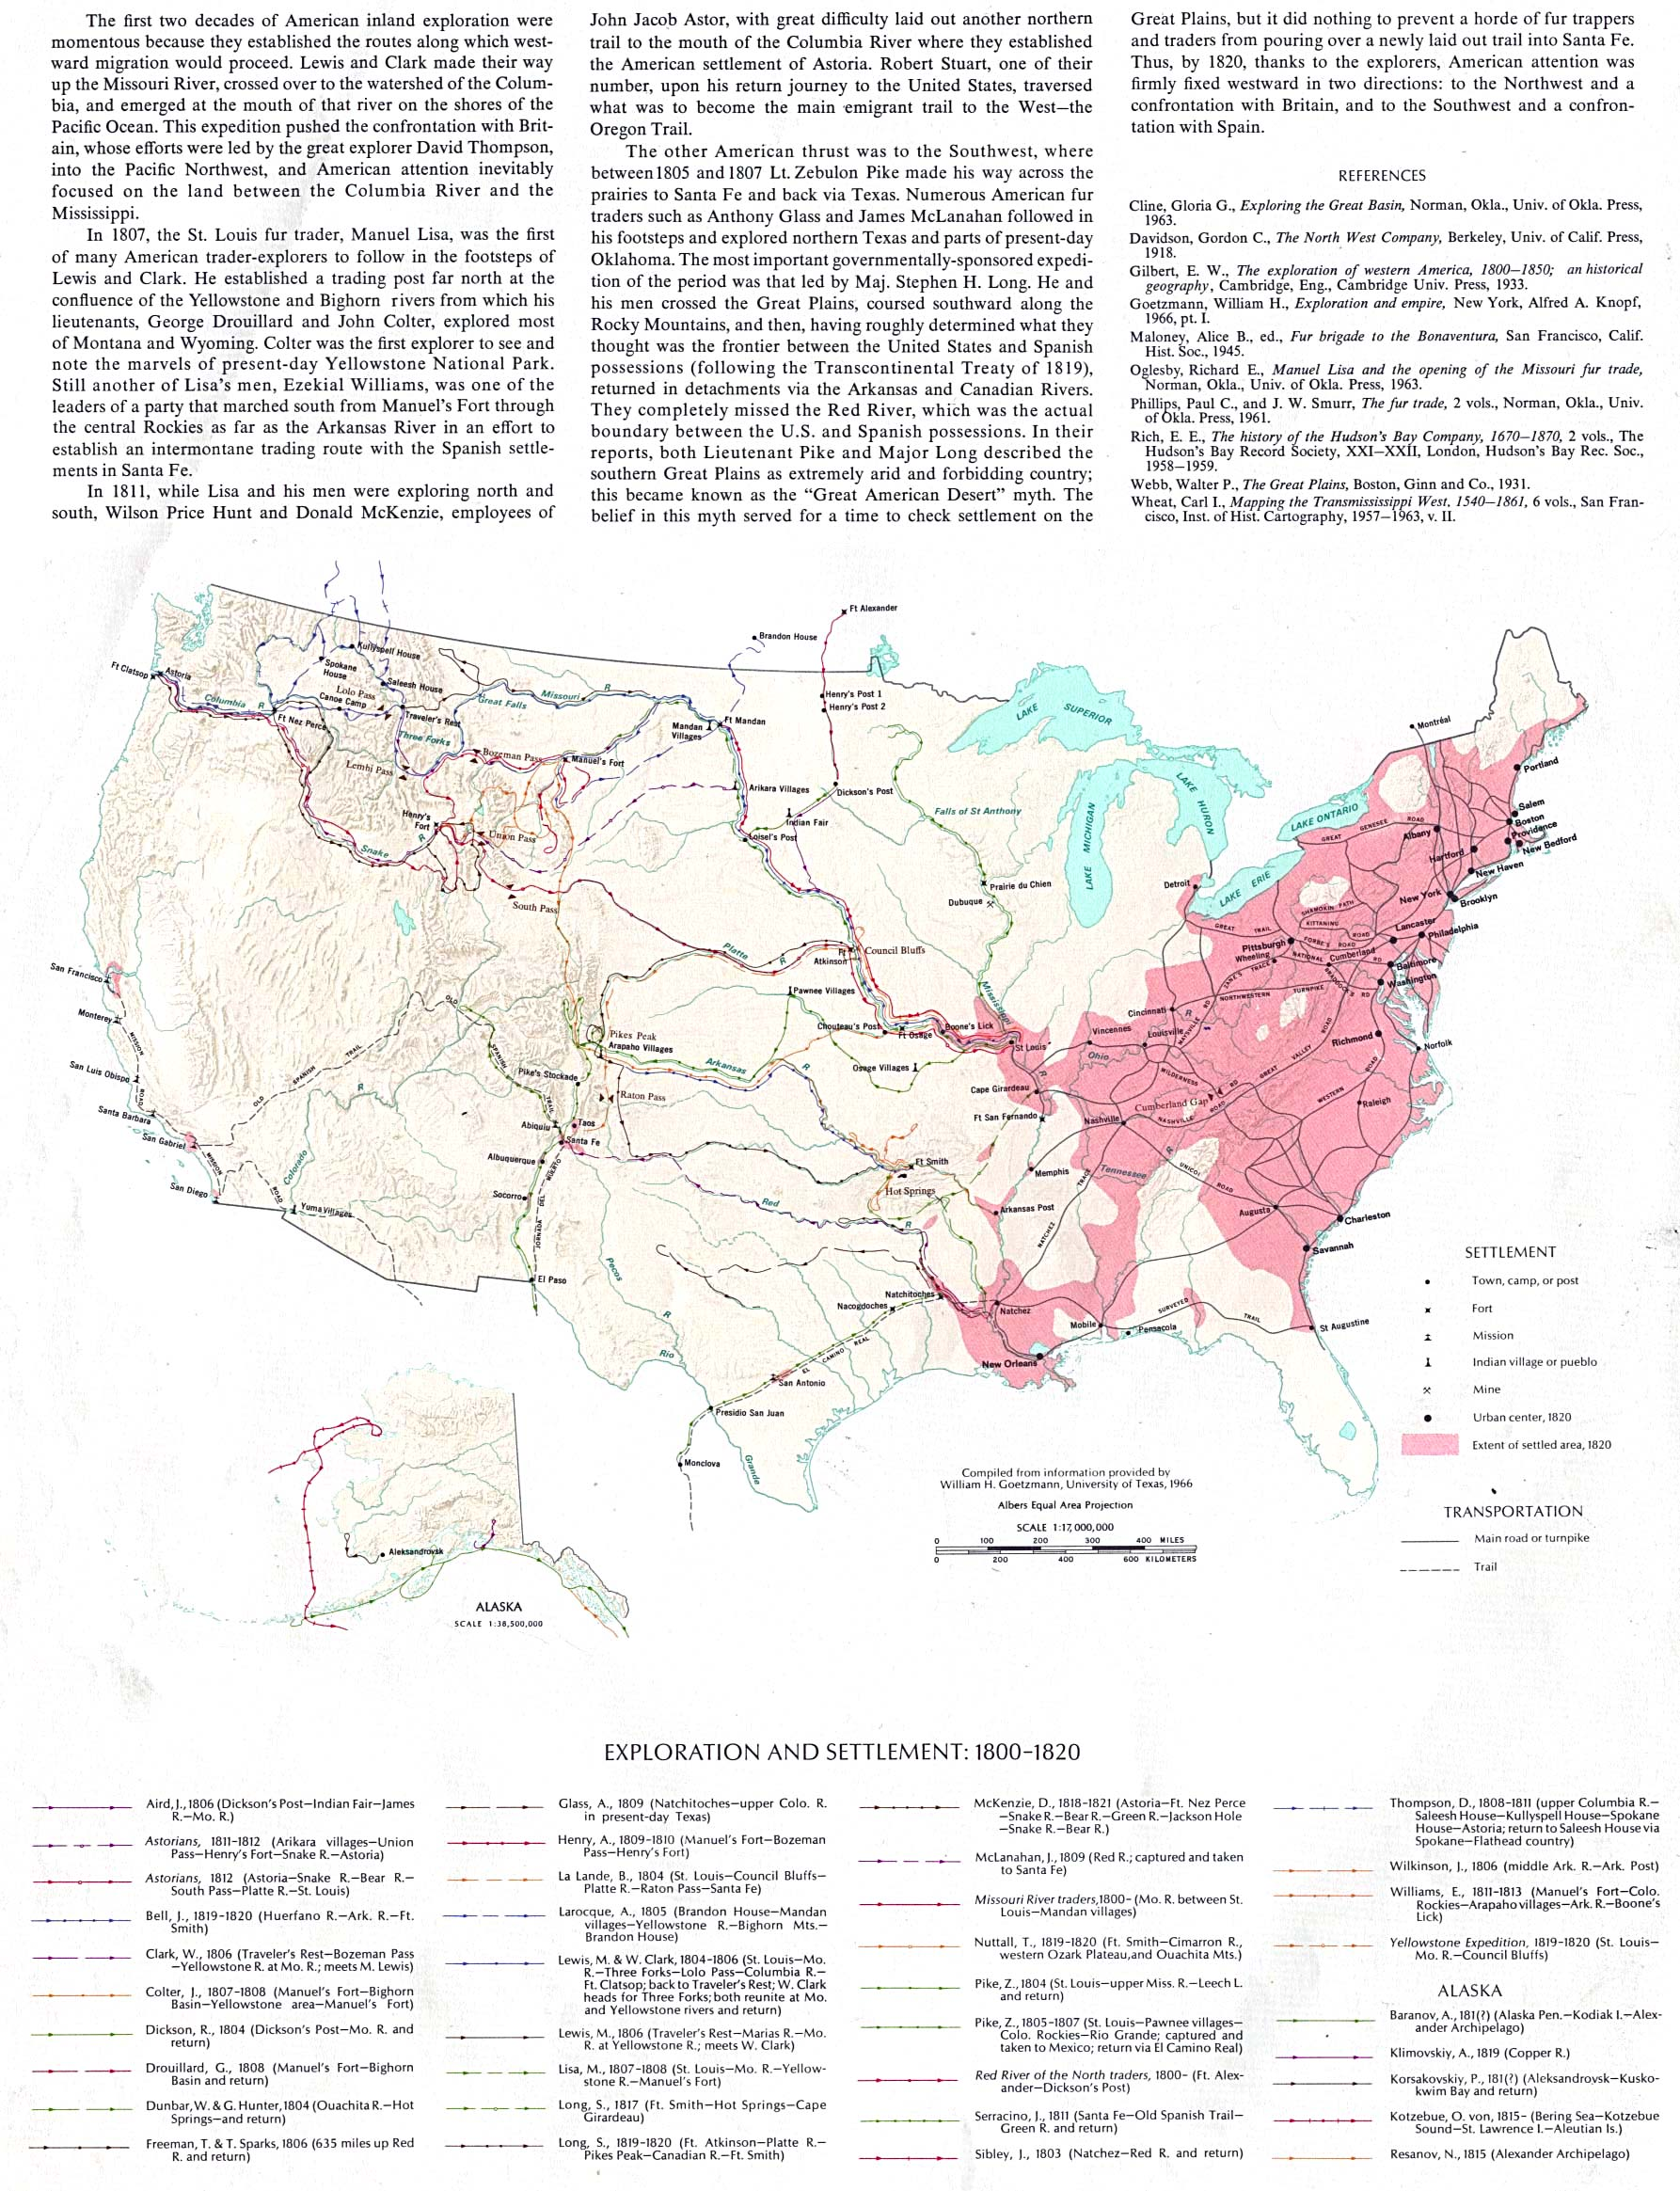 Reisenett Historical Maps Of The United States - Blank us map 1820